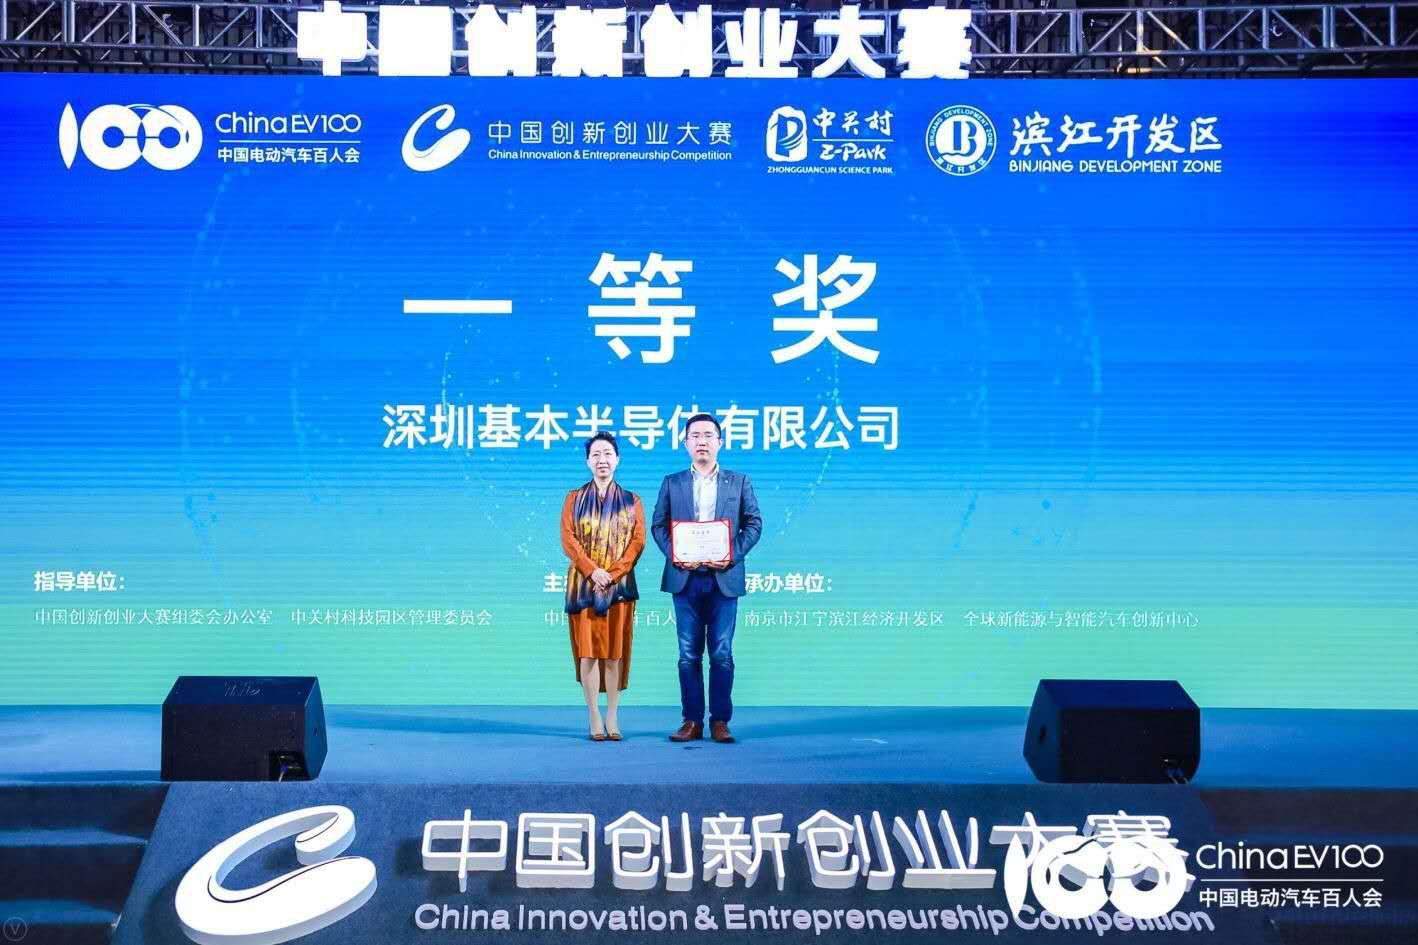 深圳基本半导体勇夺中国创新创业大赛专业赛一等奖